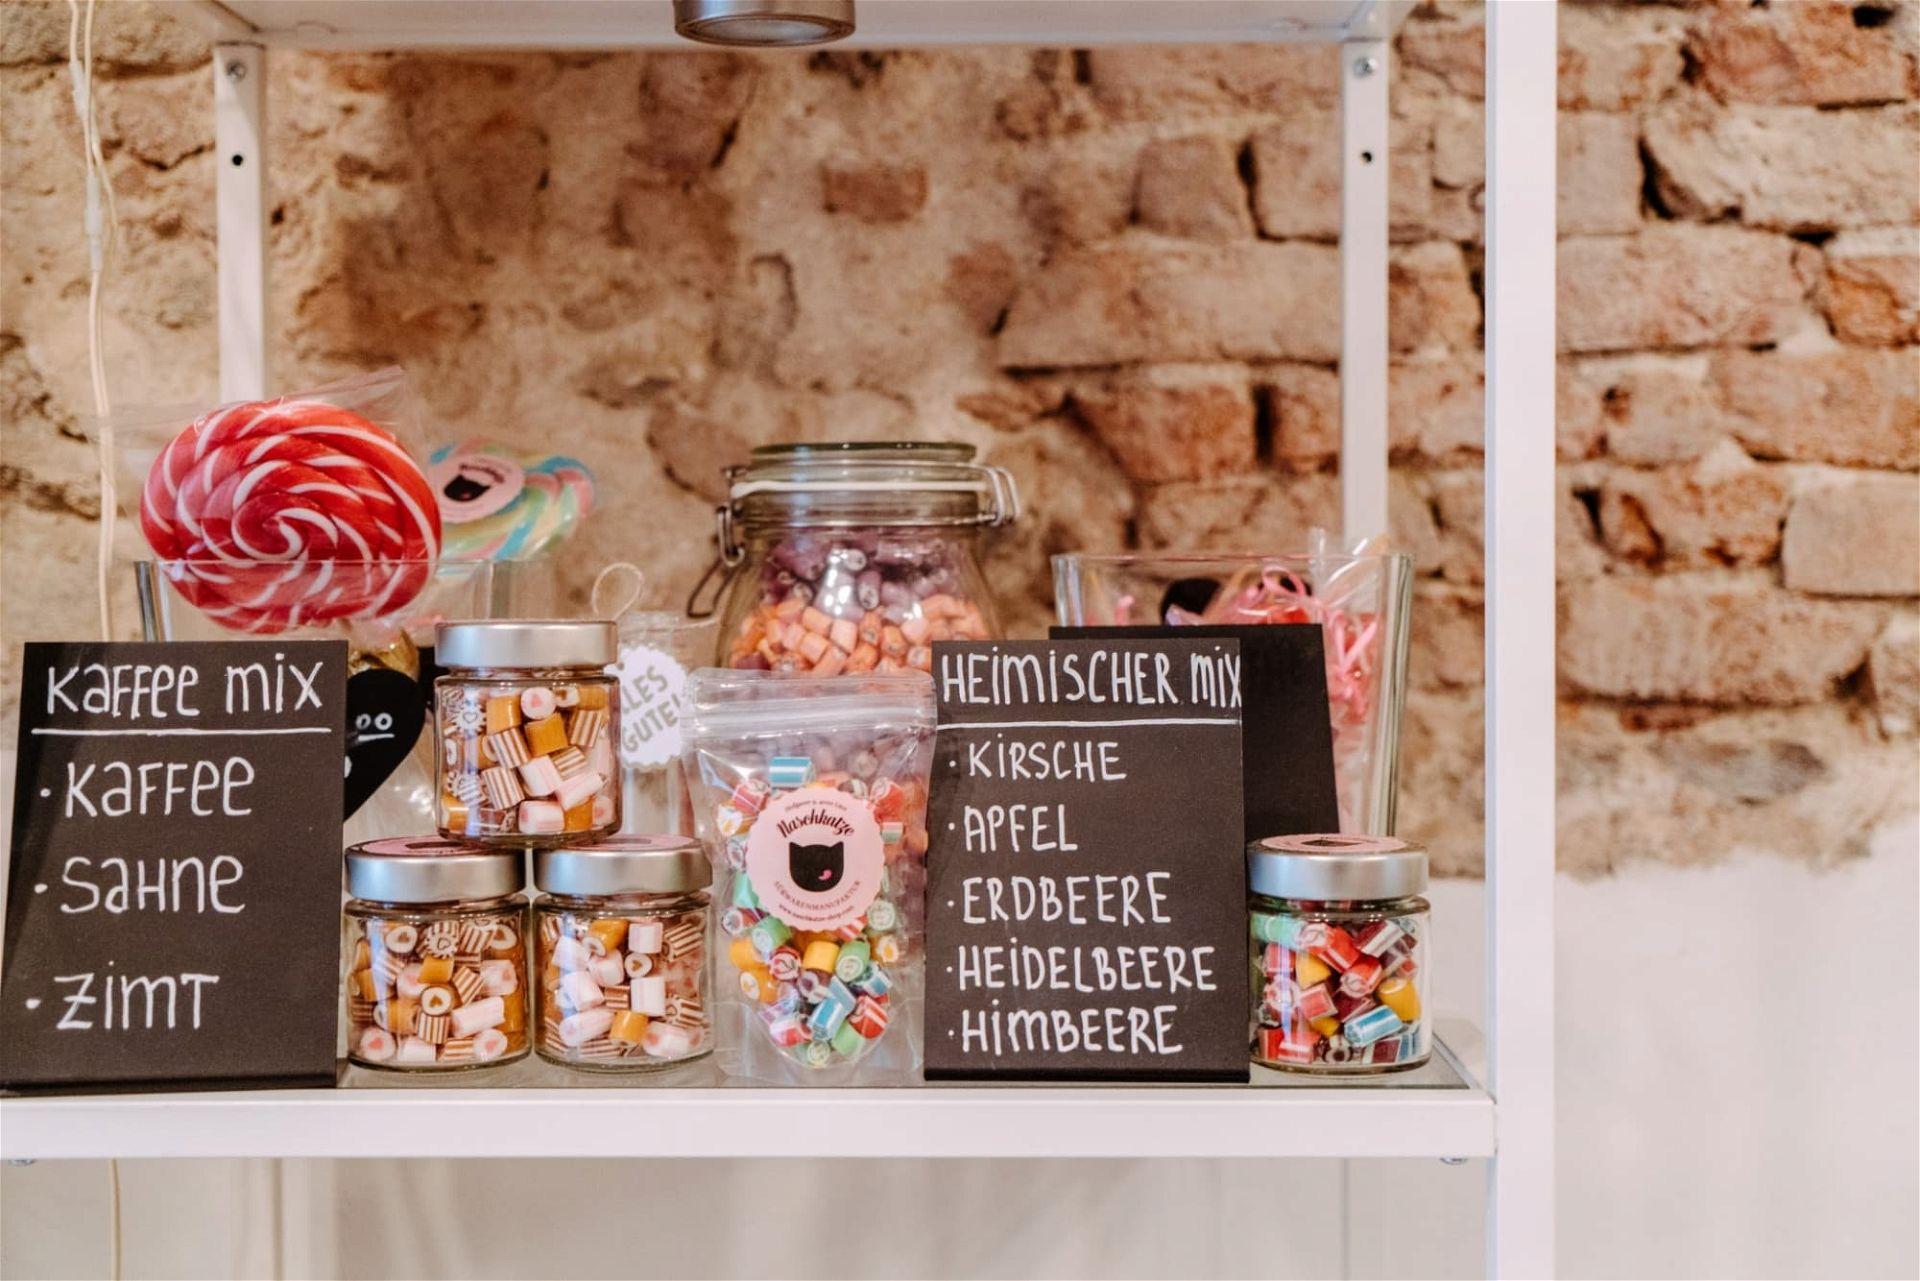 Zuckerl-Sorten in der Süßwarenmanufaktur Naschkatze in Linz - (c) Ines Futterknecht